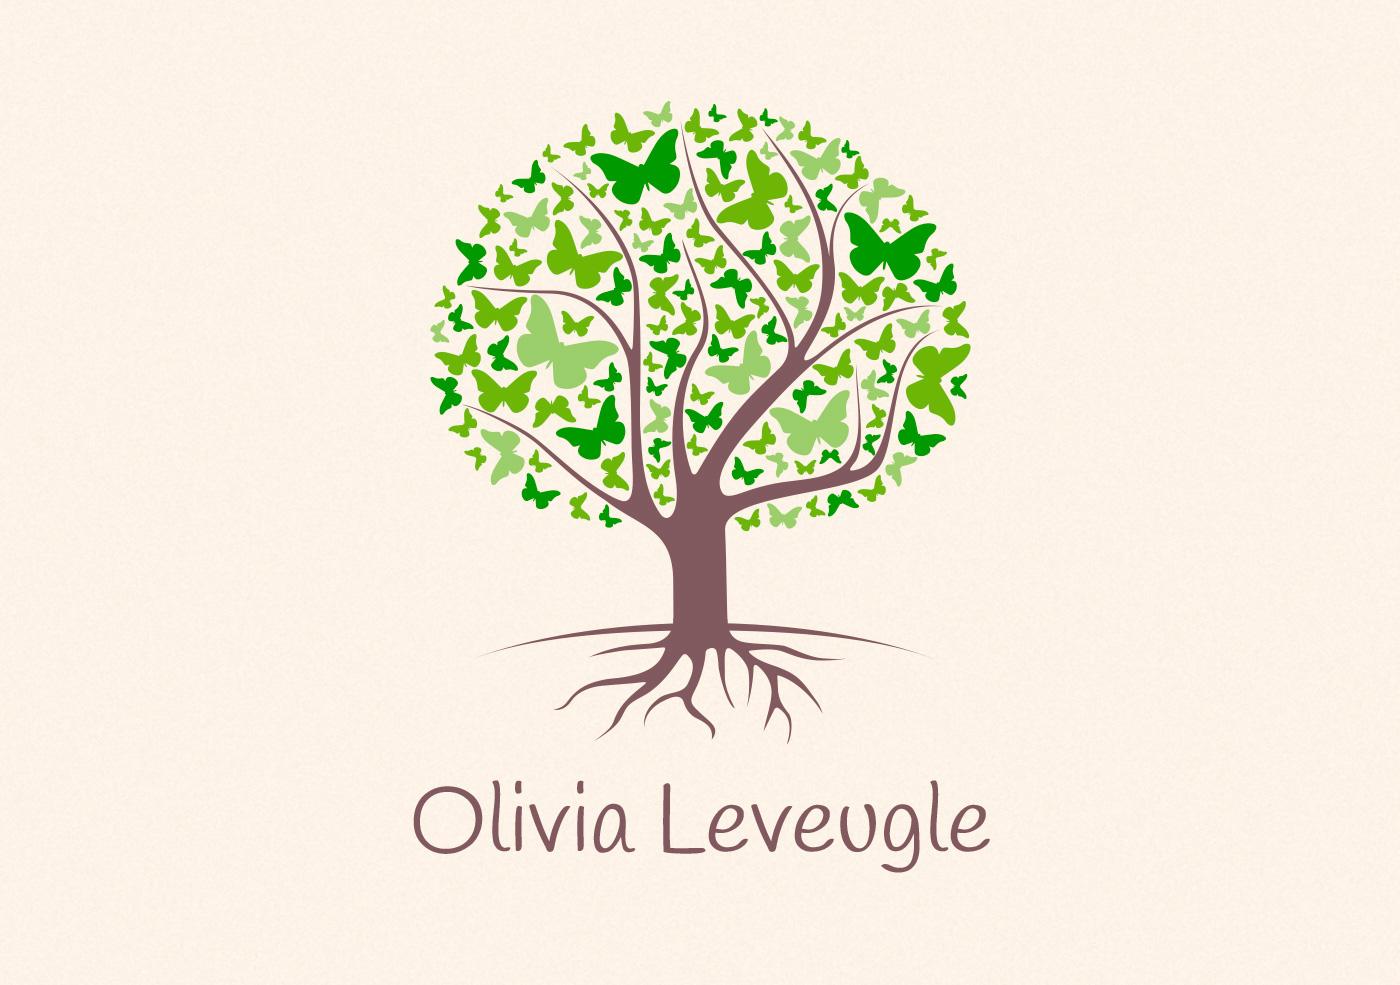 Olivia leveugle logo